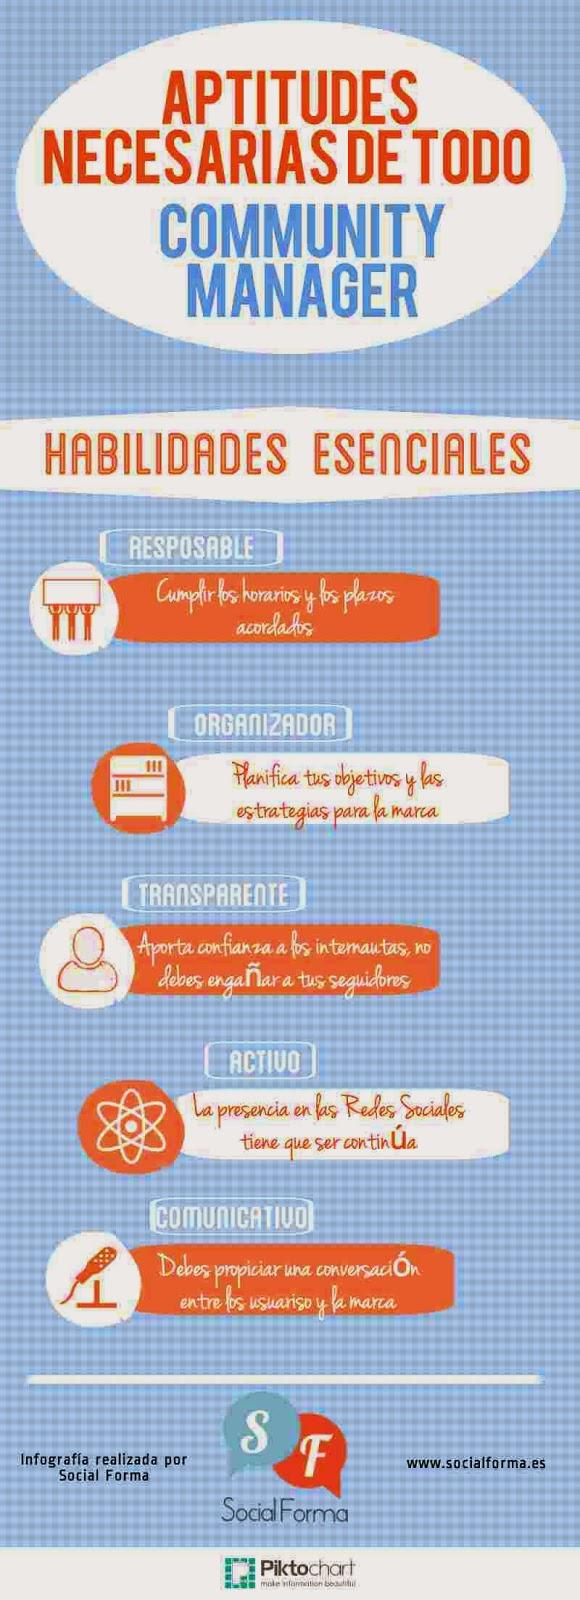 las_habilidades_esenciales_del_community_manager